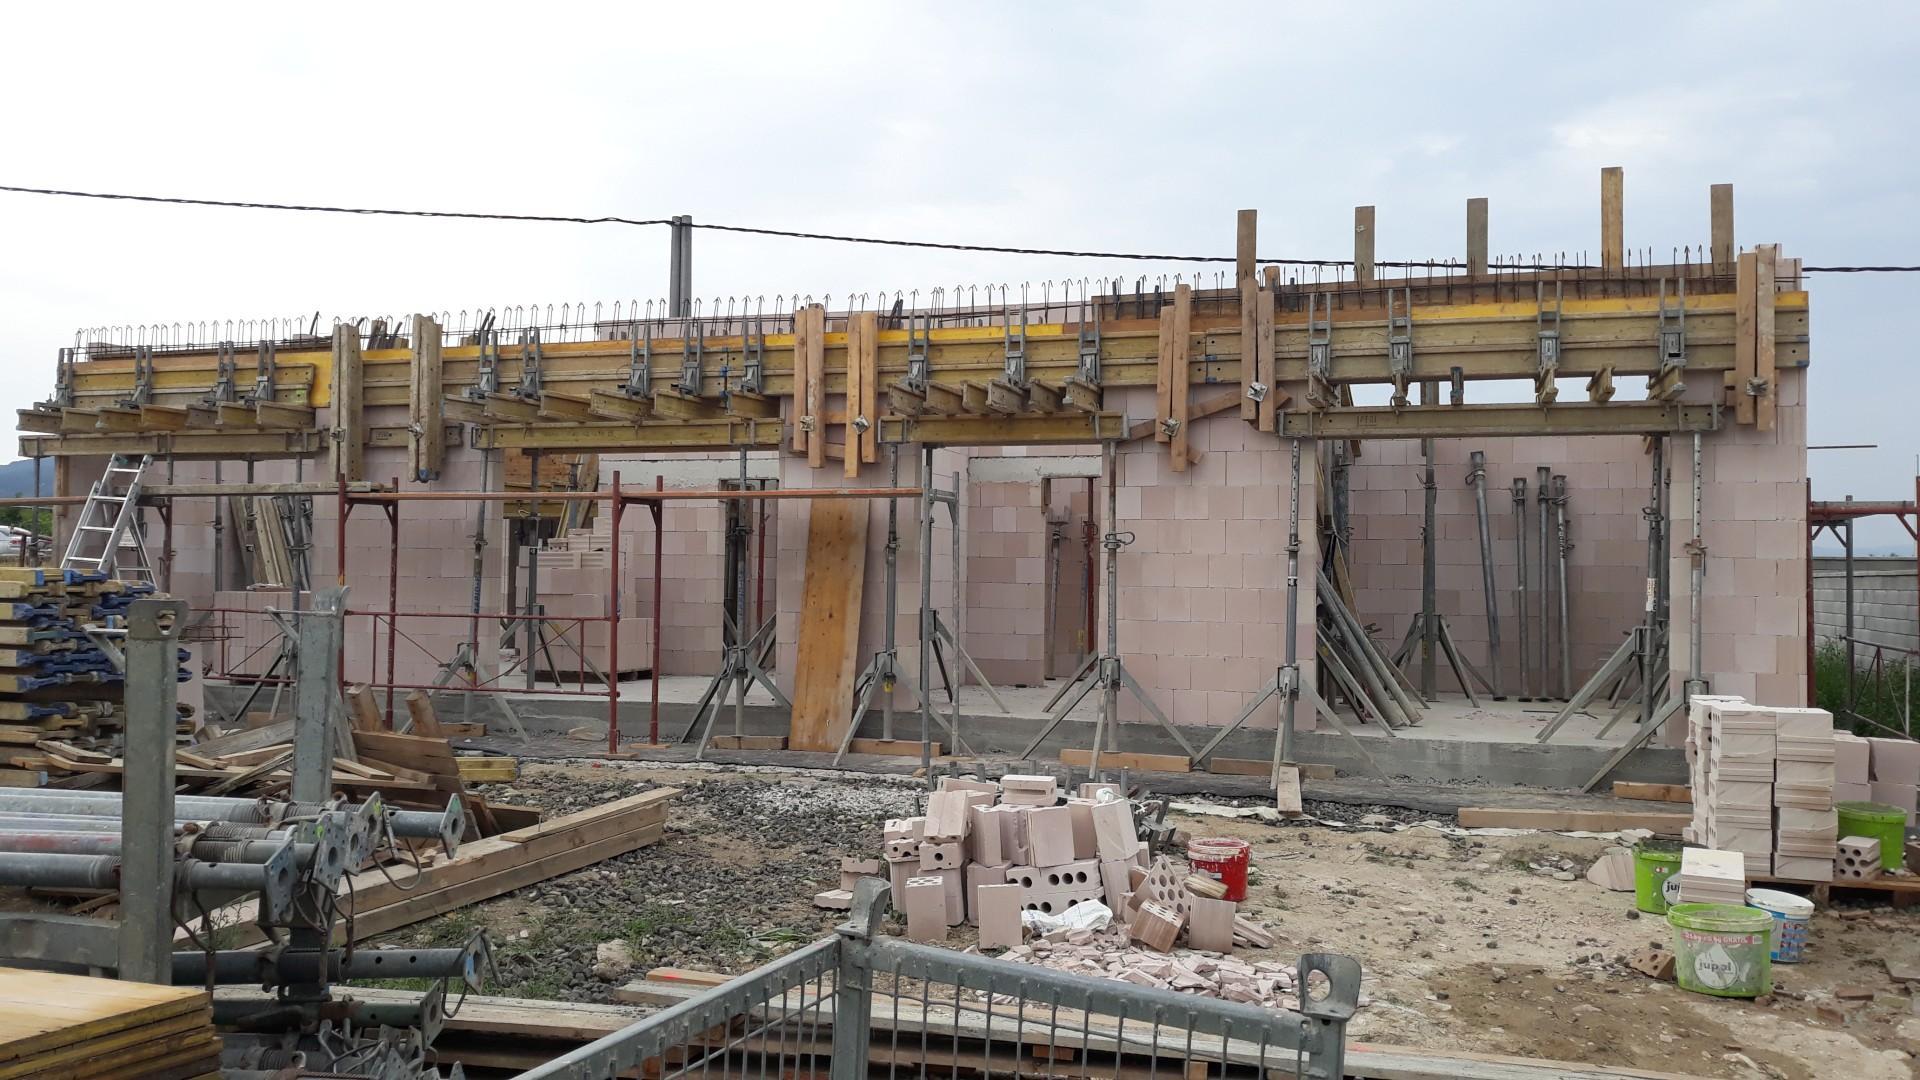 Vrchná stavba - VPC Kalksandstein murivo, zelená strecha - Debnenie prievlaku ponad veľké okná z južnej strany.